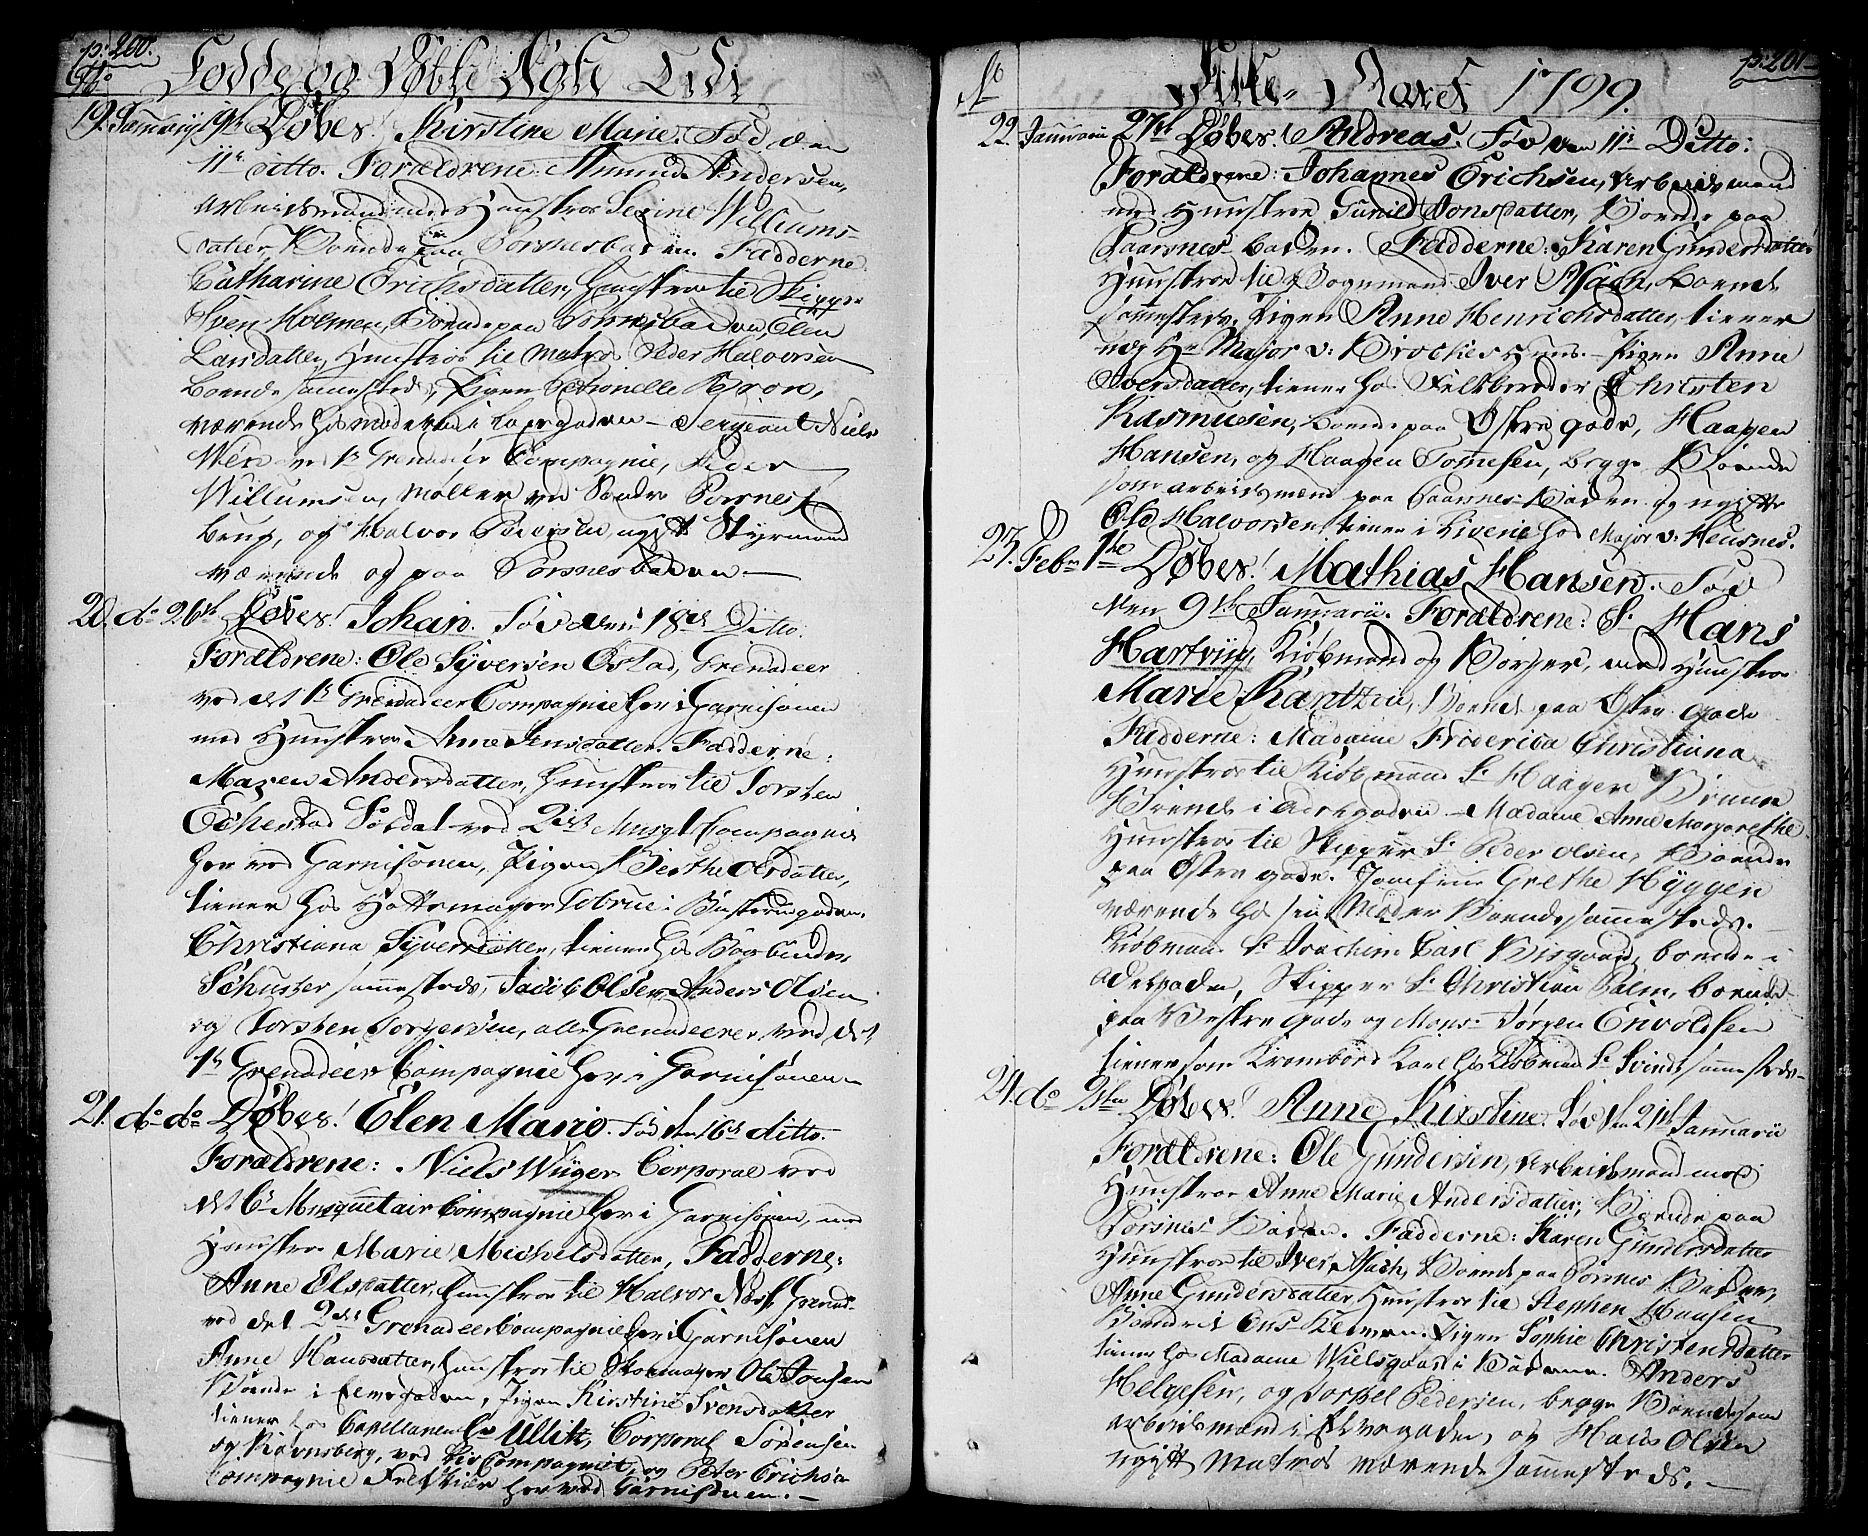 SAO, Halden prestekontor Kirkebøker, F/Fa/L0002: Ministerialbok nr. I 2, 1792-1812, s. 200-201